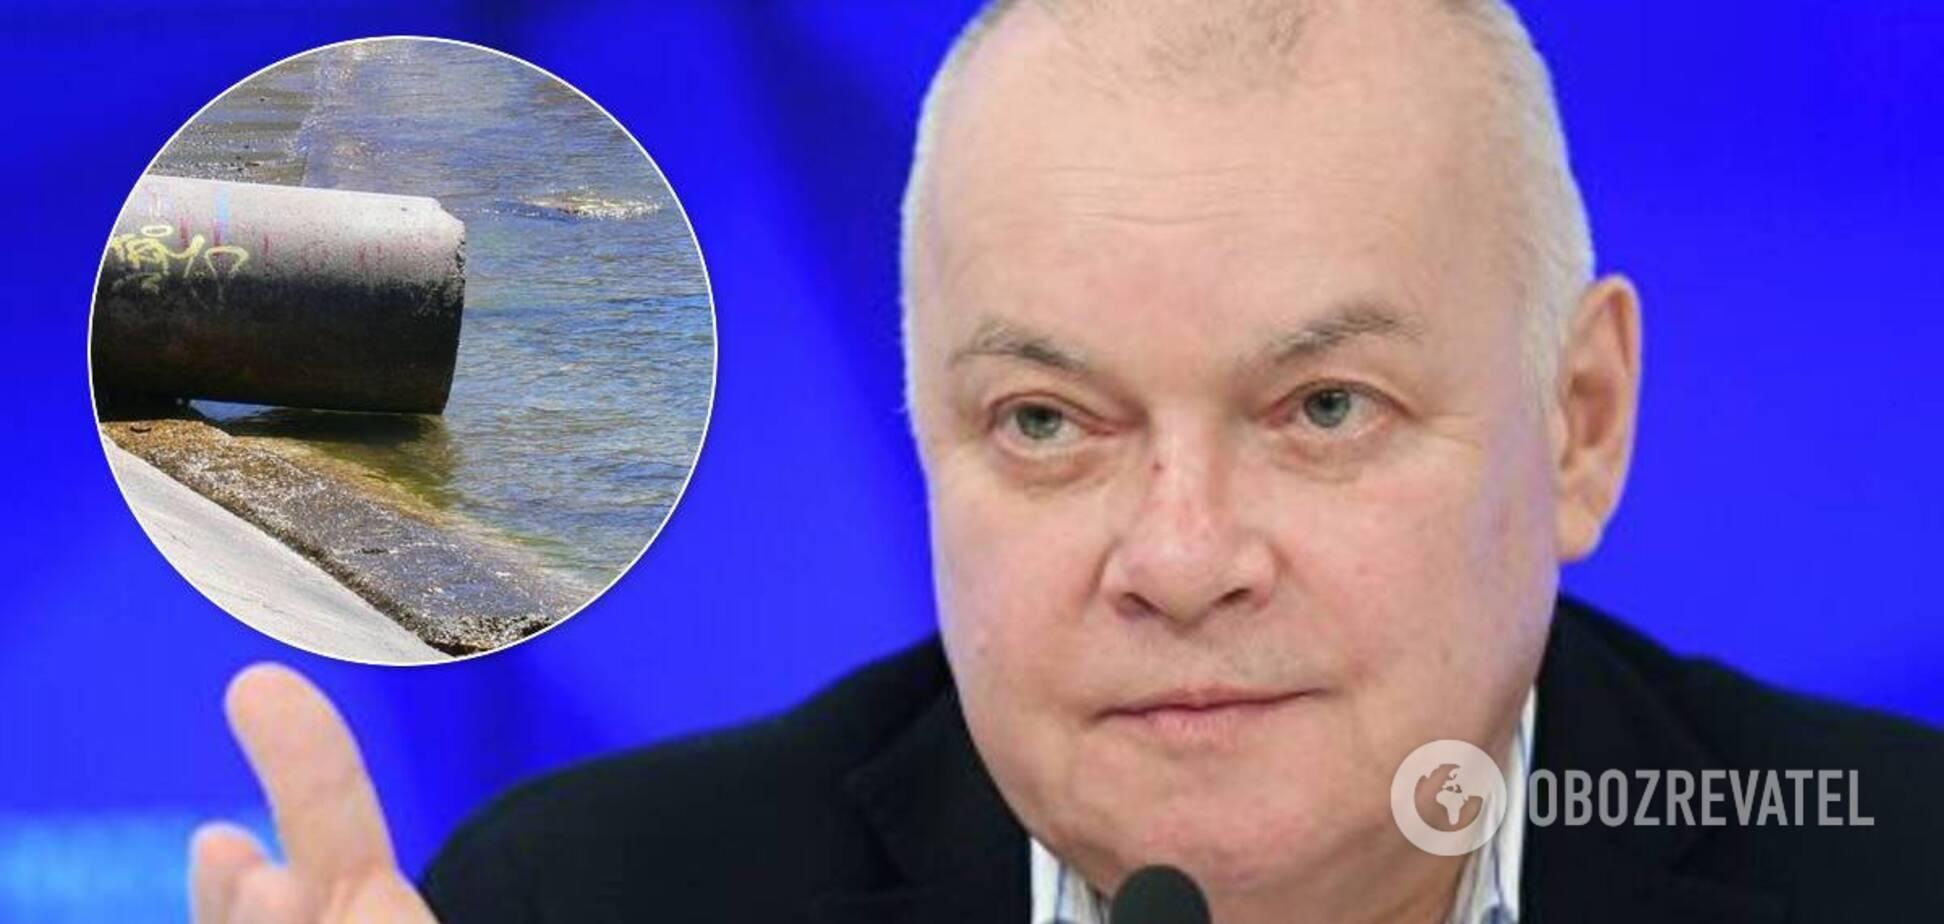 Дмитро Кисельов заявив про 'жахливу' антисанітарію в Криму